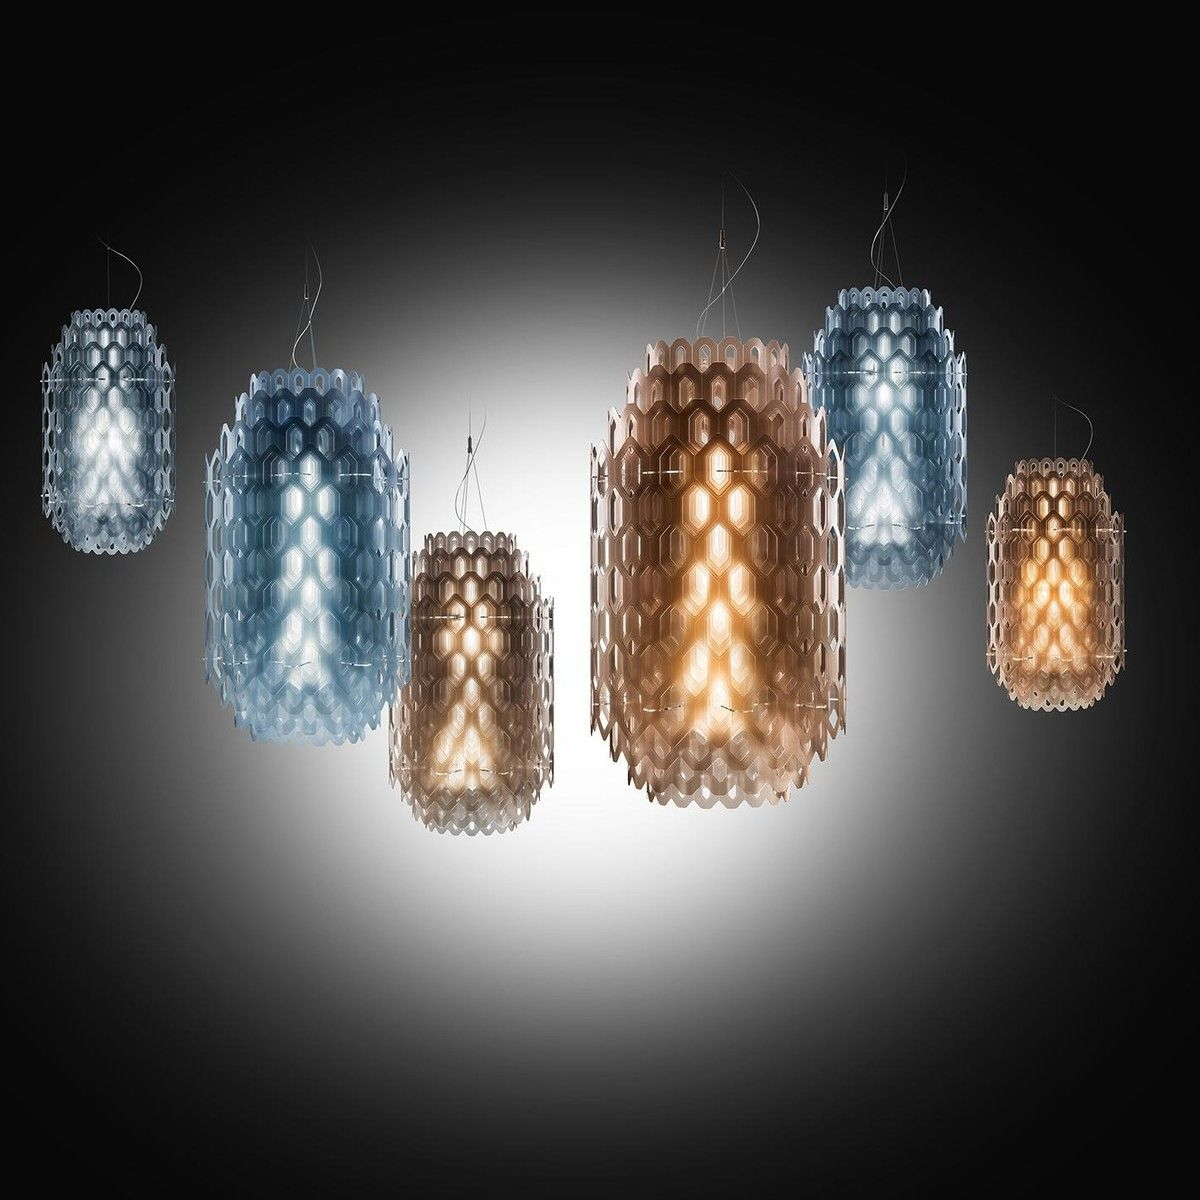 chantal led suspension lamp 50cm slamp. Black Bedroom Furniture Sets. Home Design Ideas